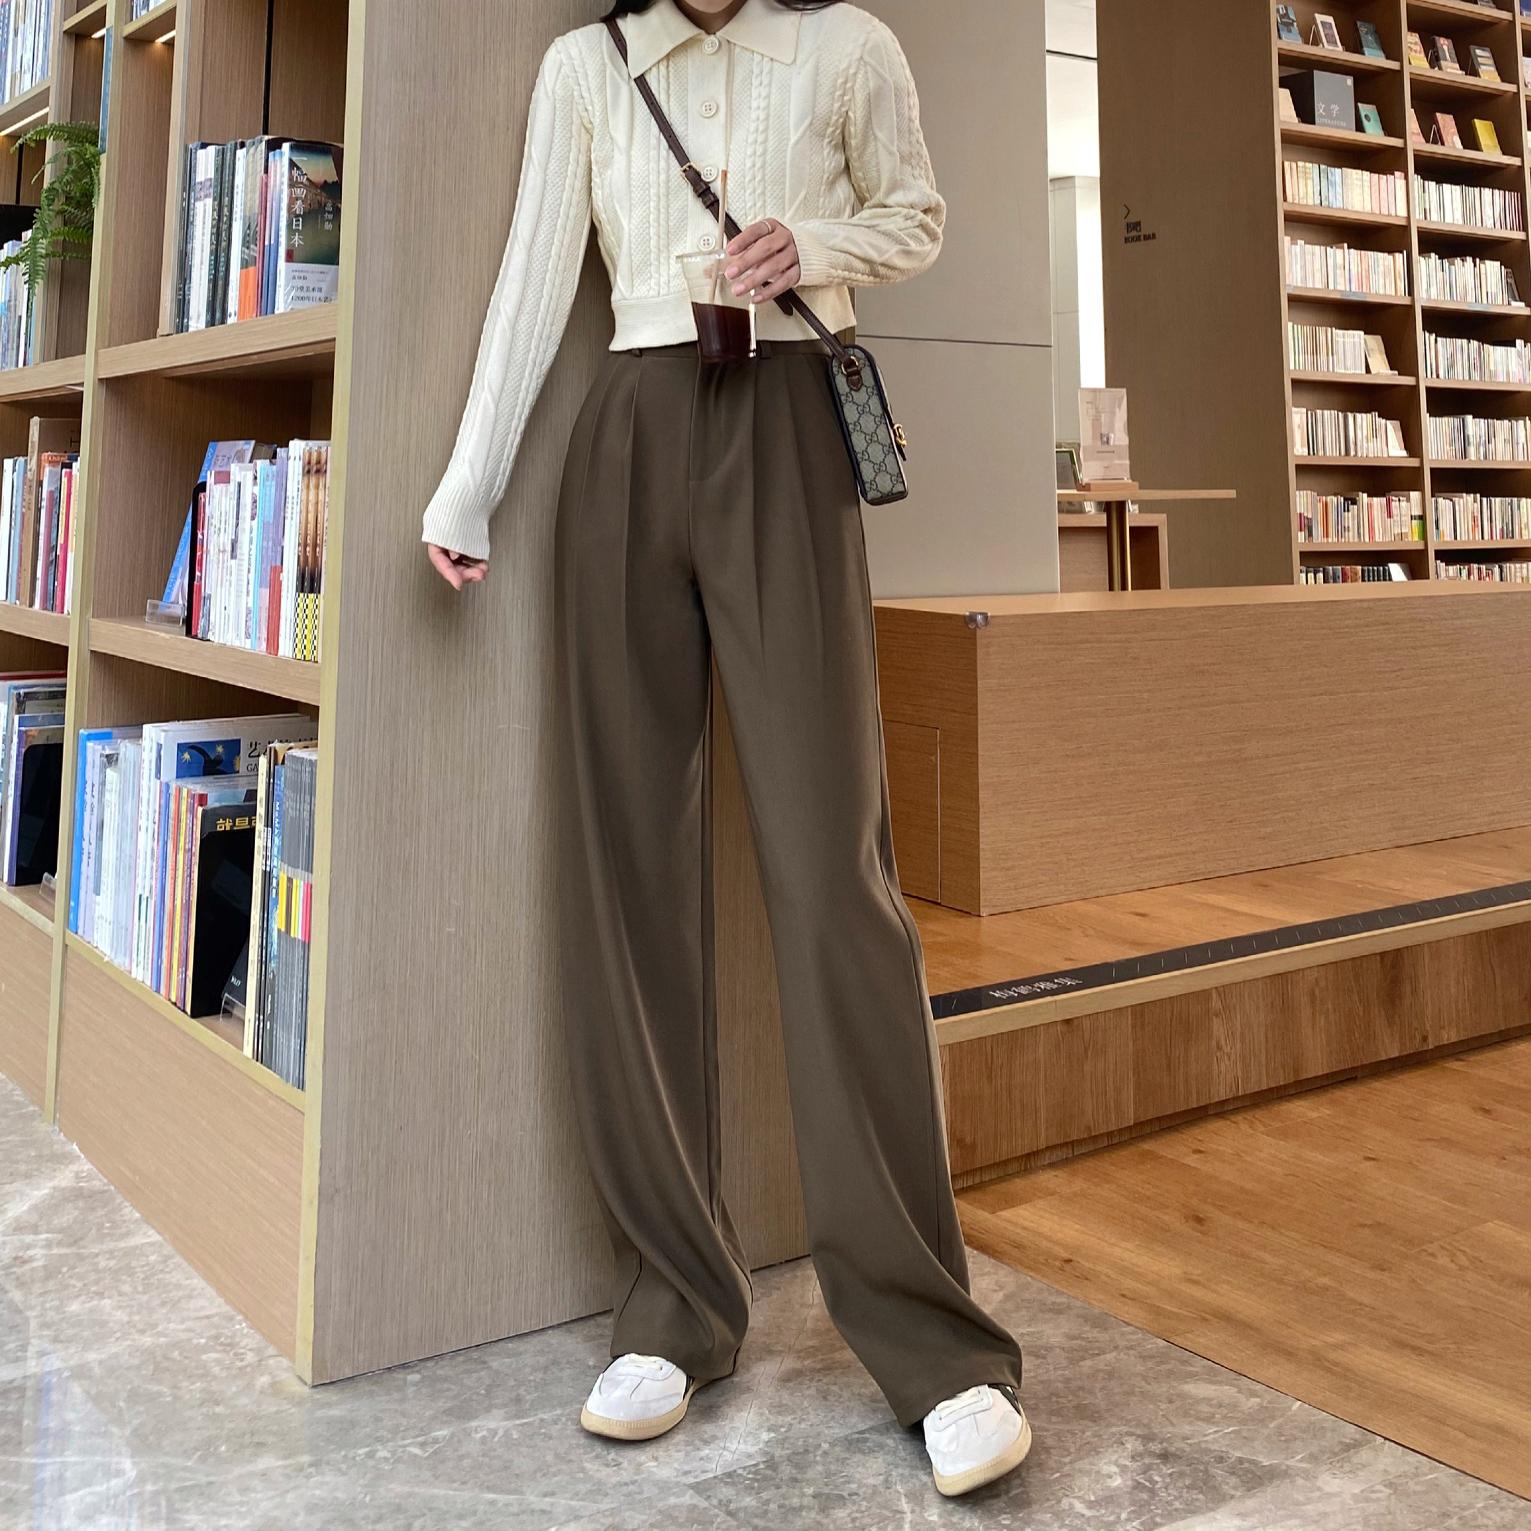 棕咖色阔腿裤女秋冬新款高腰显瘦西装裤子宽松垂感拖地加长直筒裤